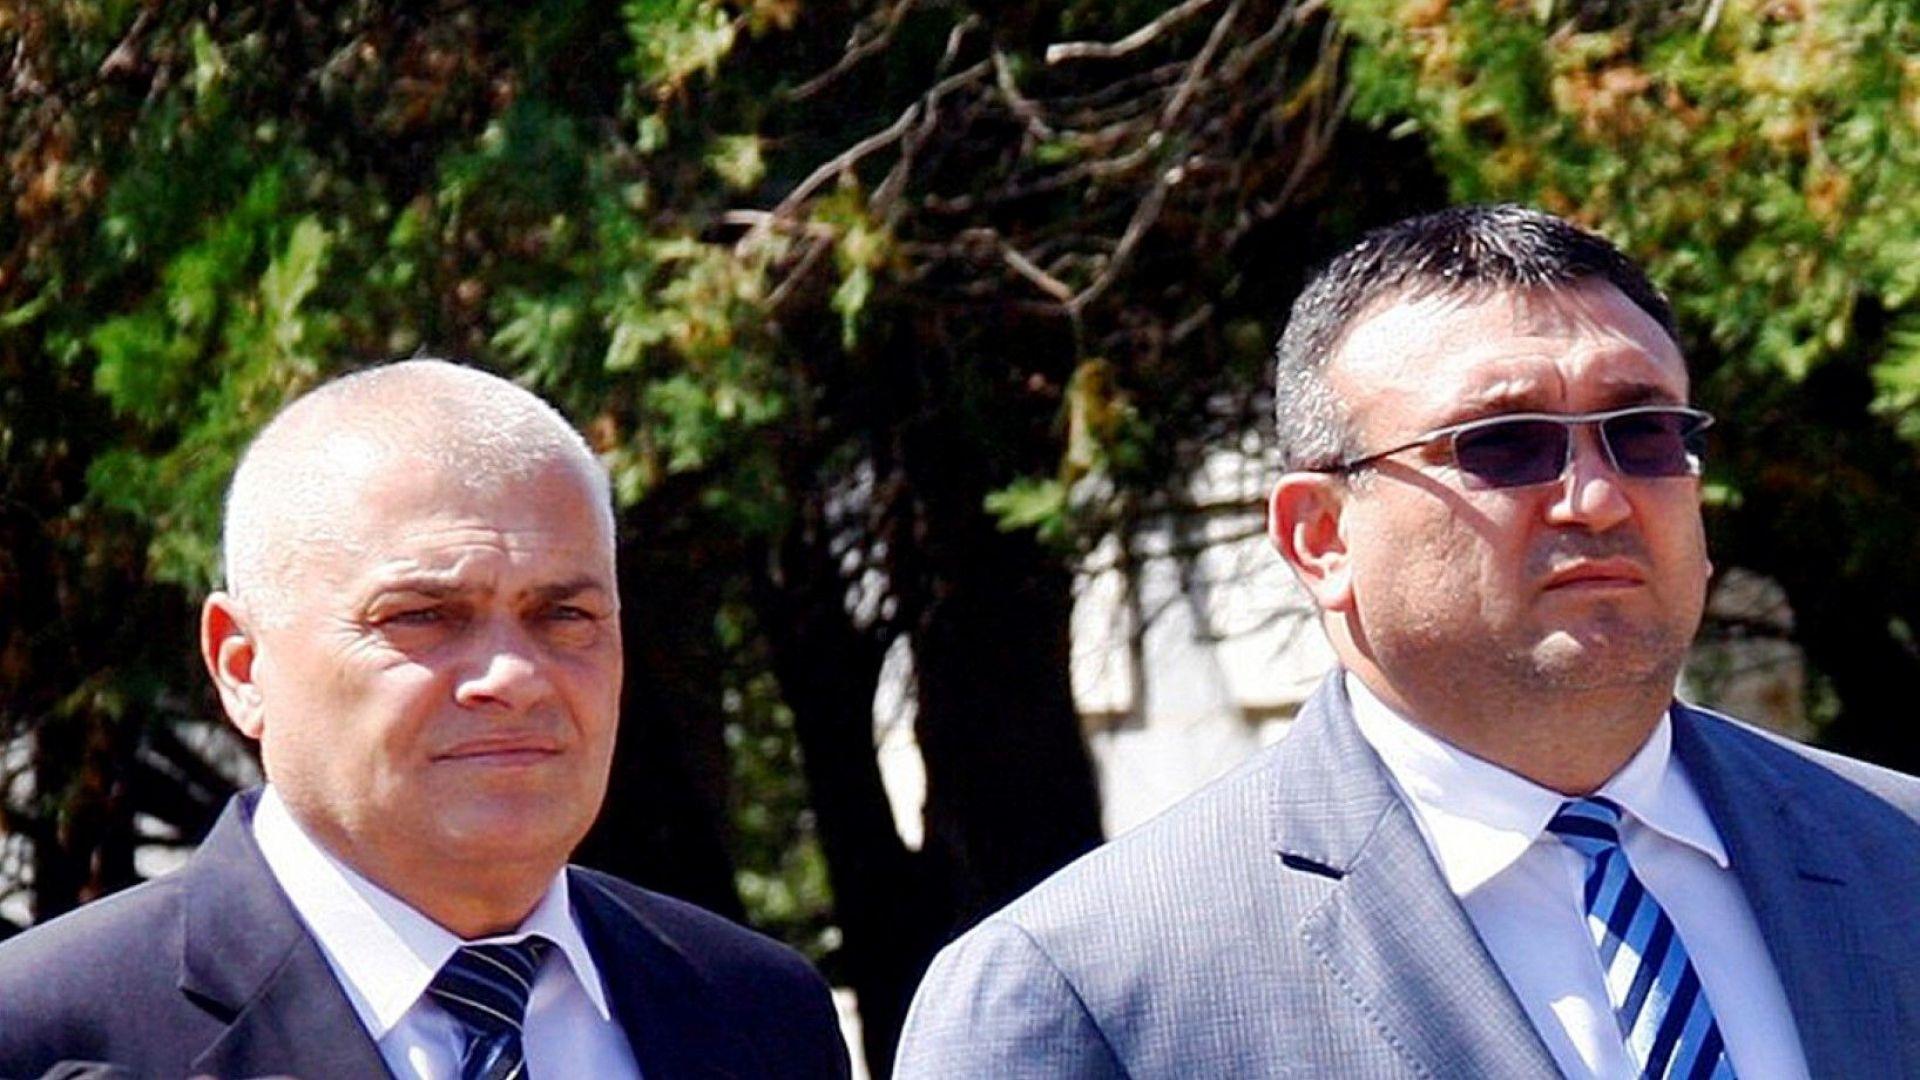 Валентин Радев облекчен след оставката, Младен Маринов нахъсан от министерската номинация